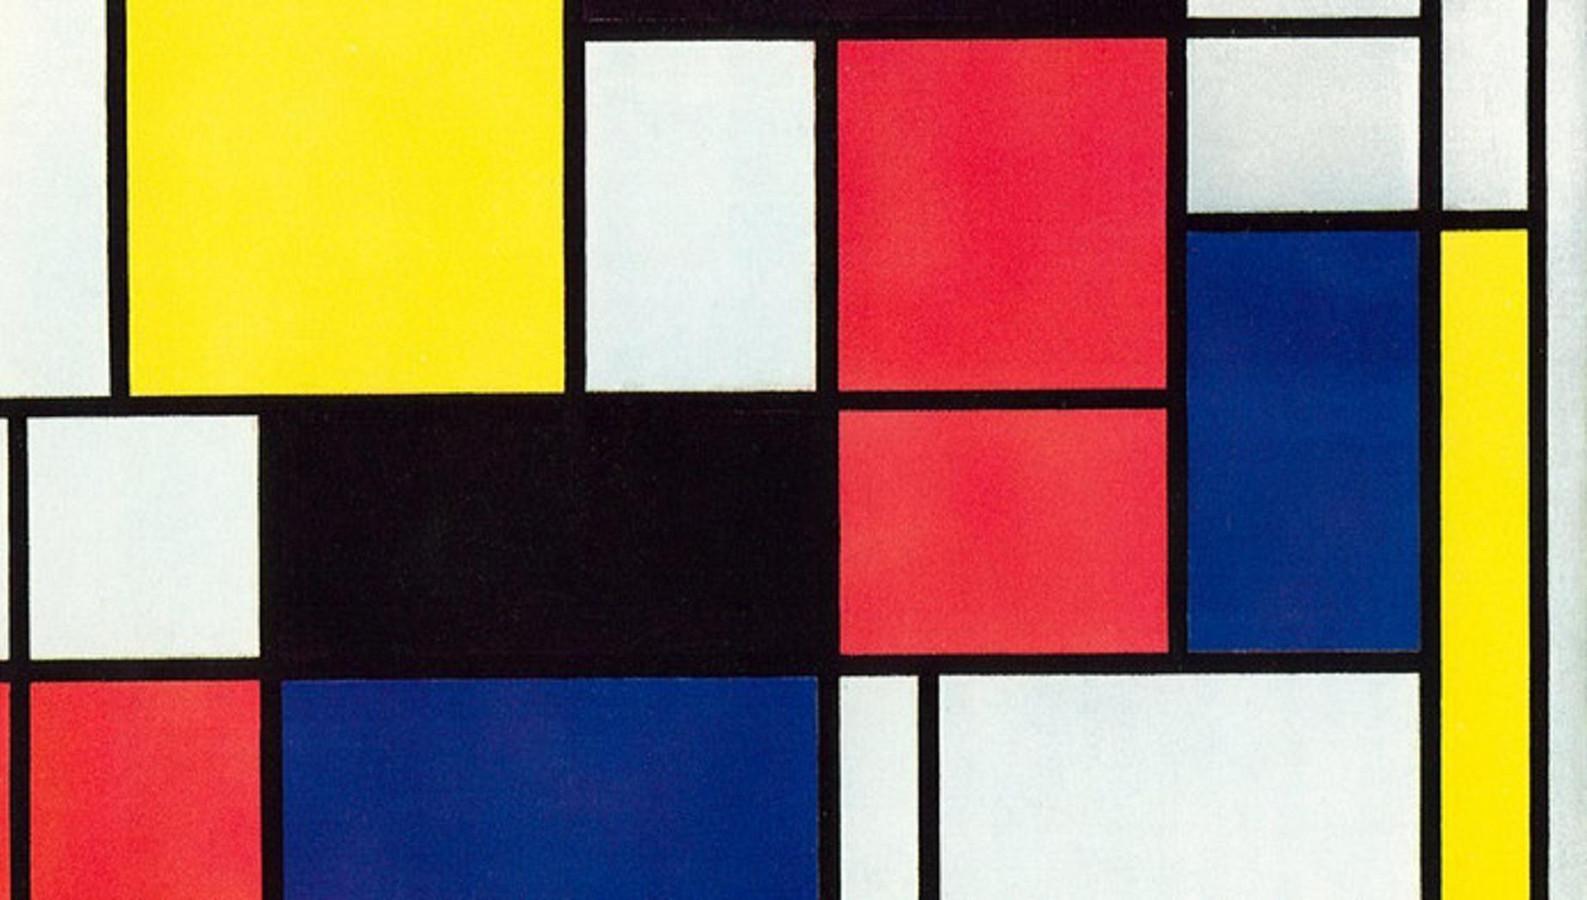 Onbekende foto's opgedoken van Piet Mondriaan | Foto | AD.nl